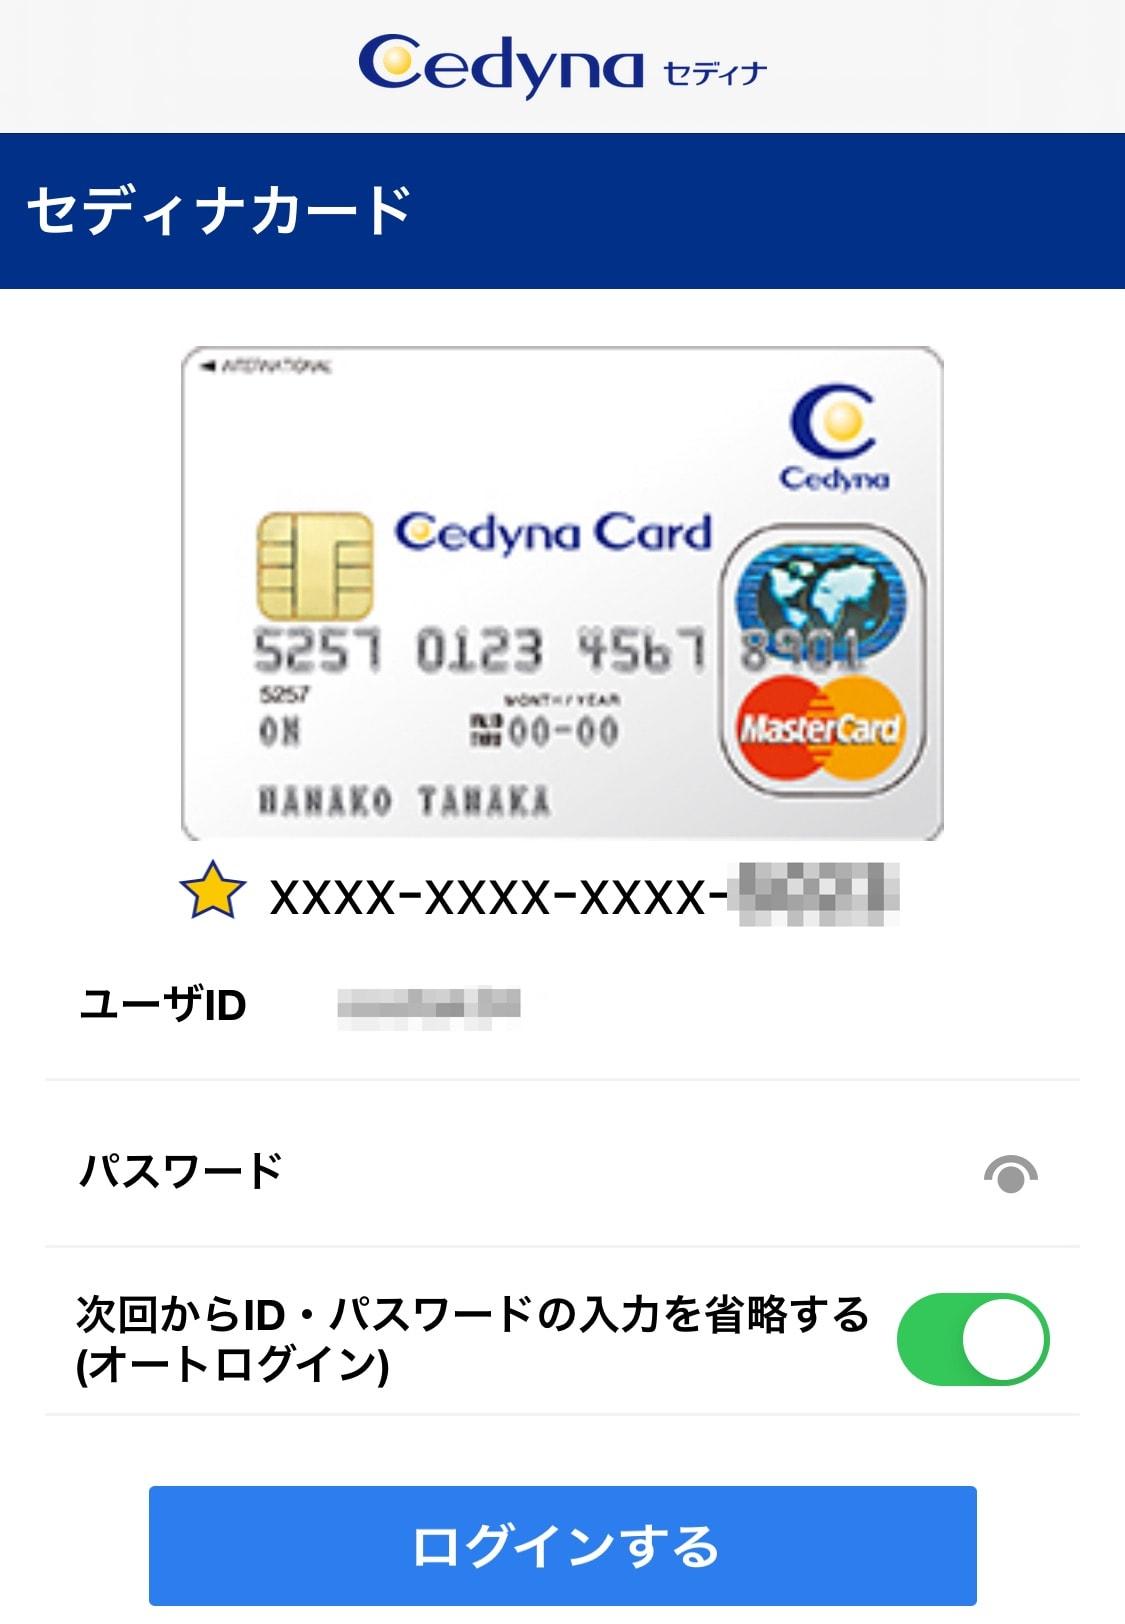 セディナアプリのログイン画面